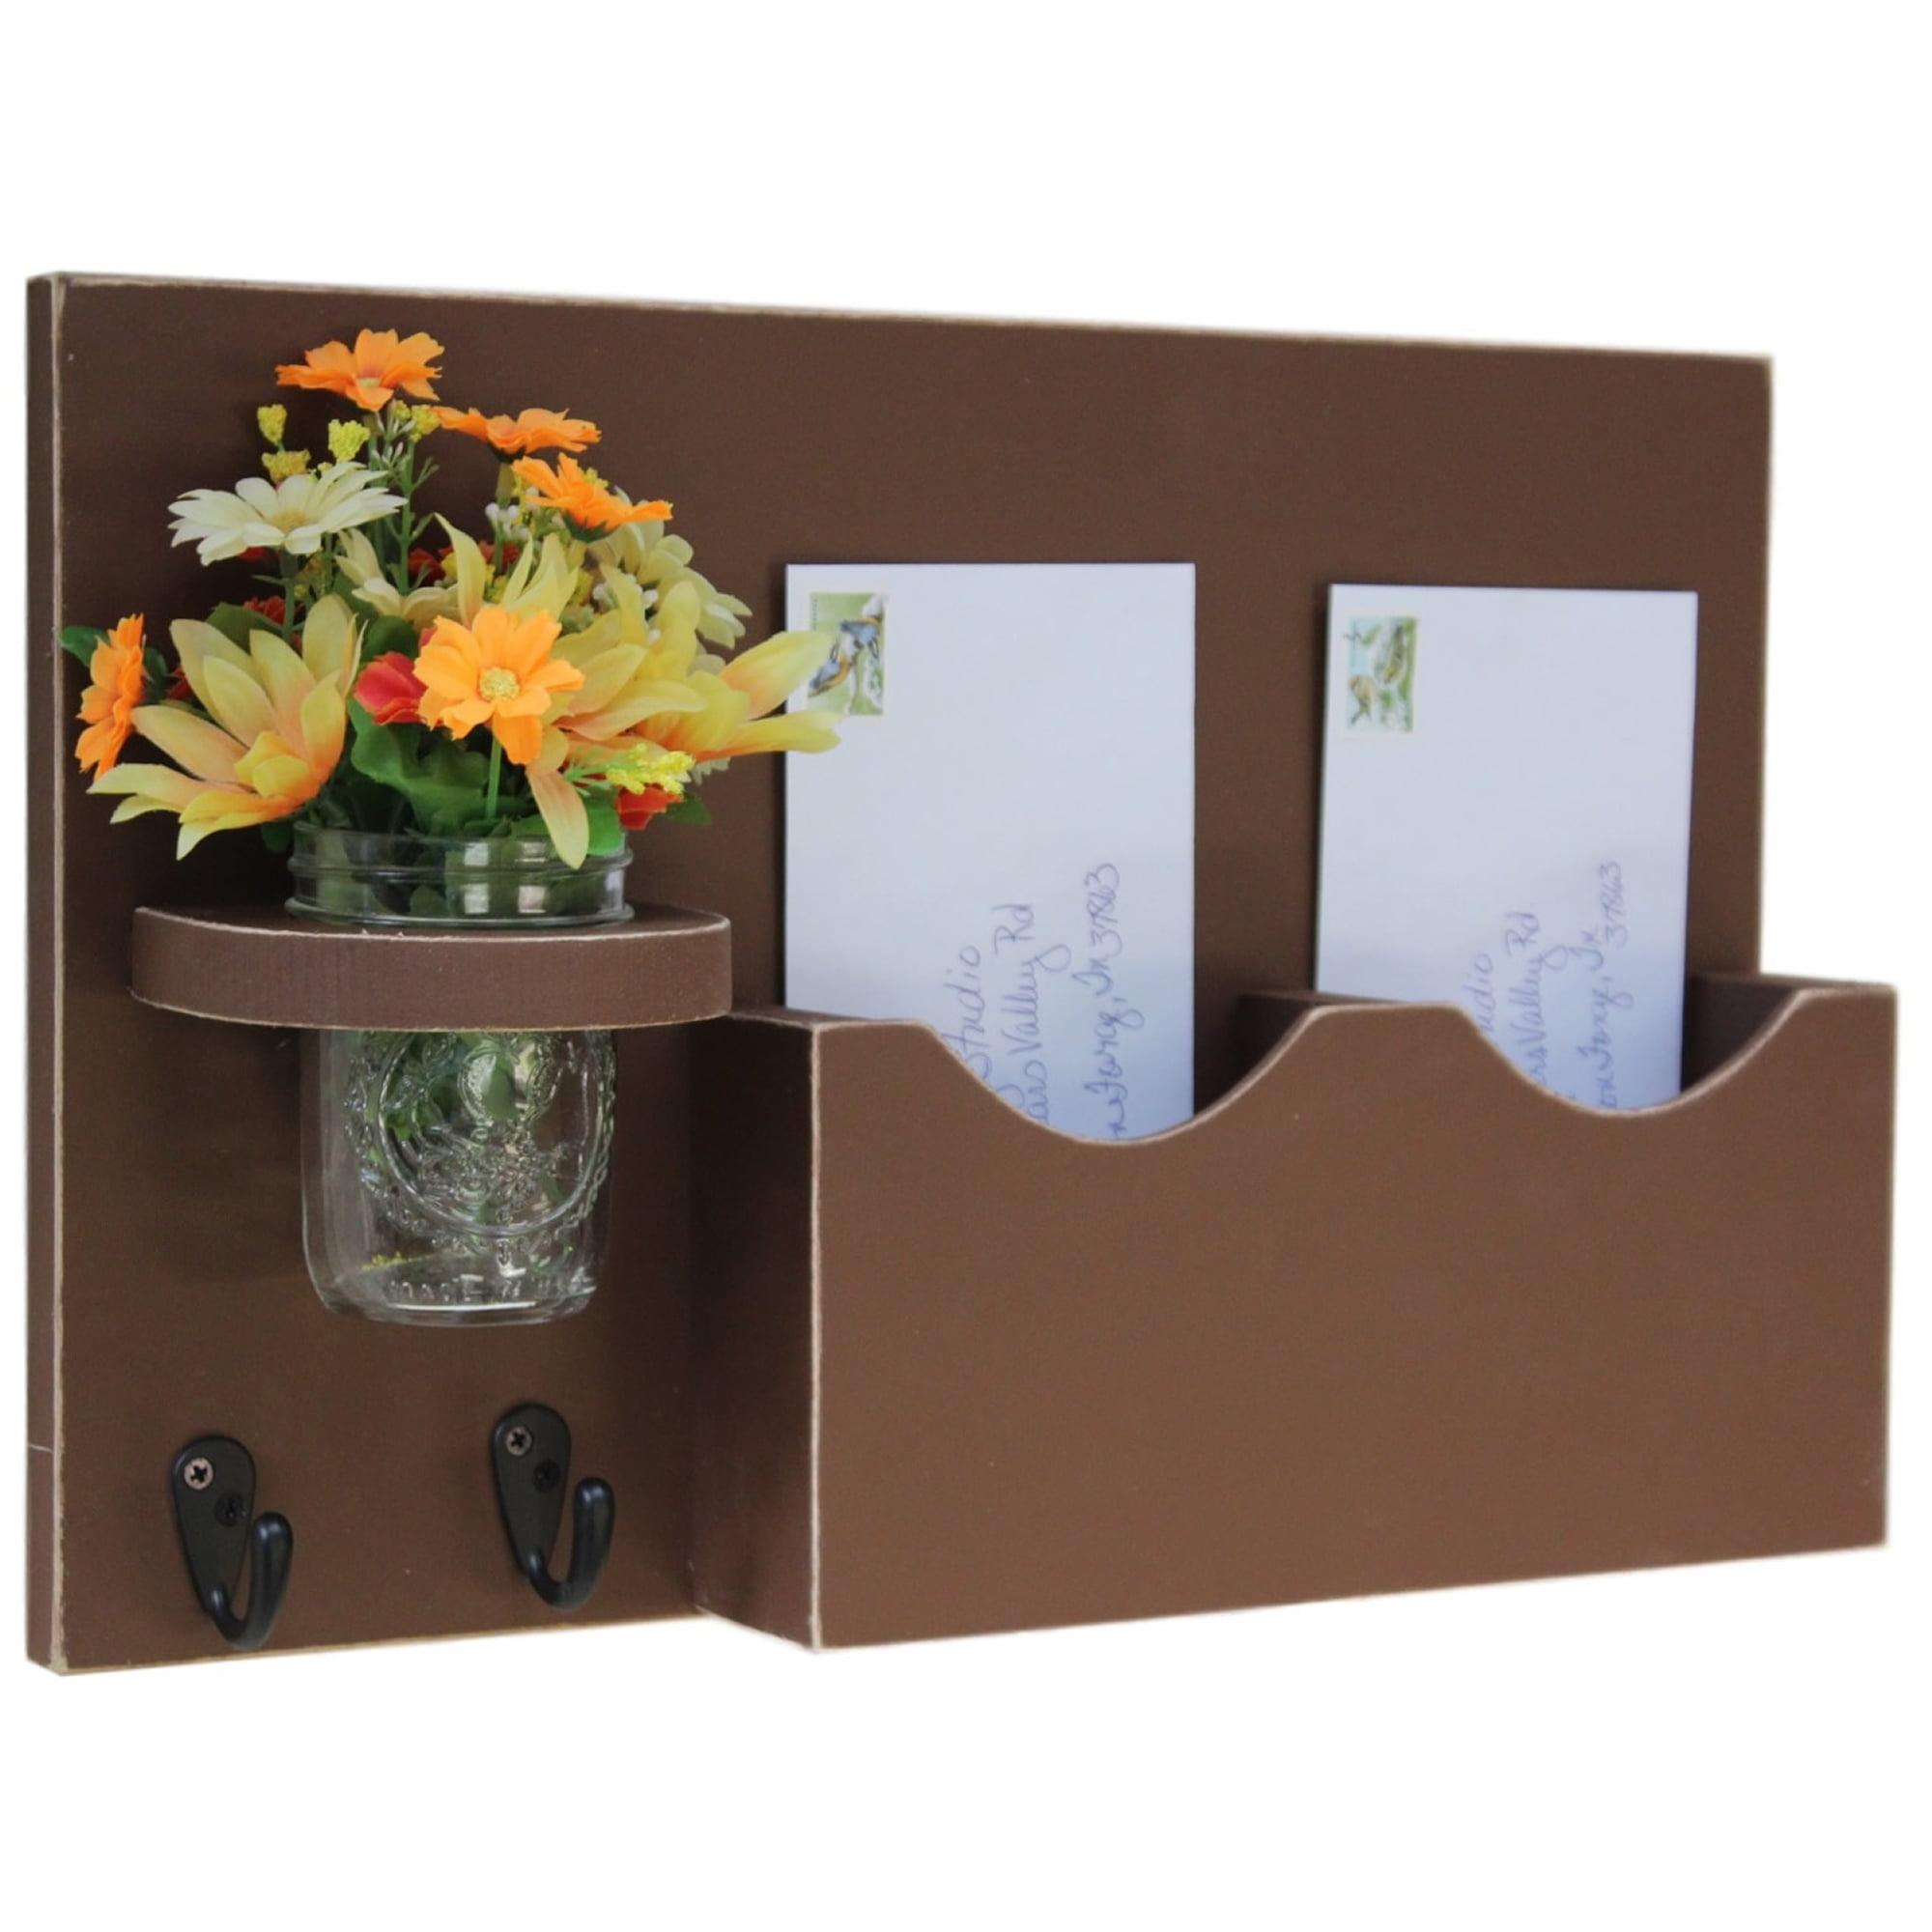 Double Slot Mail Organizer with Key Hooks & Mason Jar